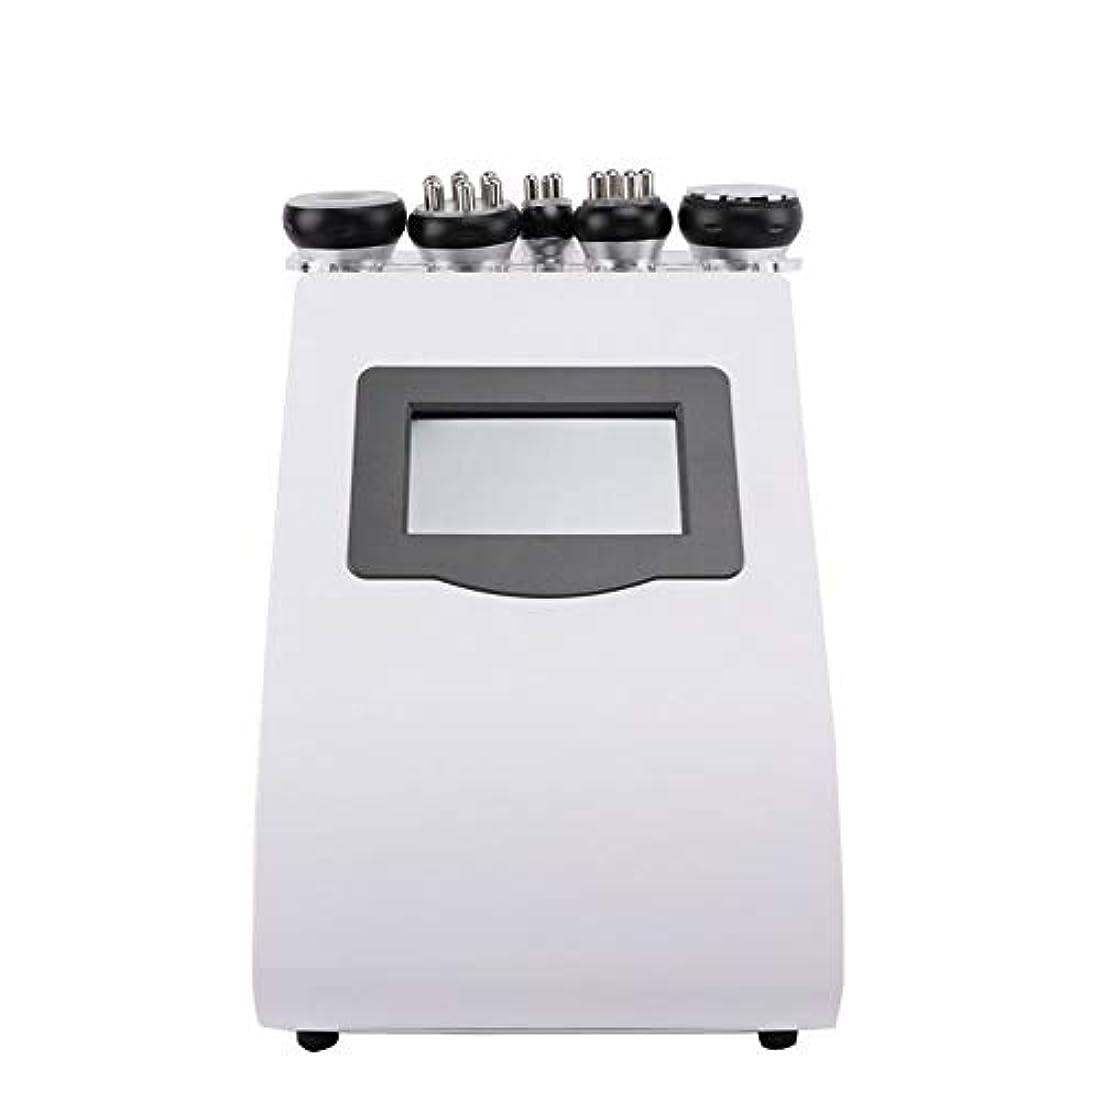 運命的なによって潜むZYL-YL 1台5役 40K減量美容機器 業務用 痩身ラジオ波 RF減量デバイス 電気痩身マシン バキューム吸引 ダイエット エステ 小顔